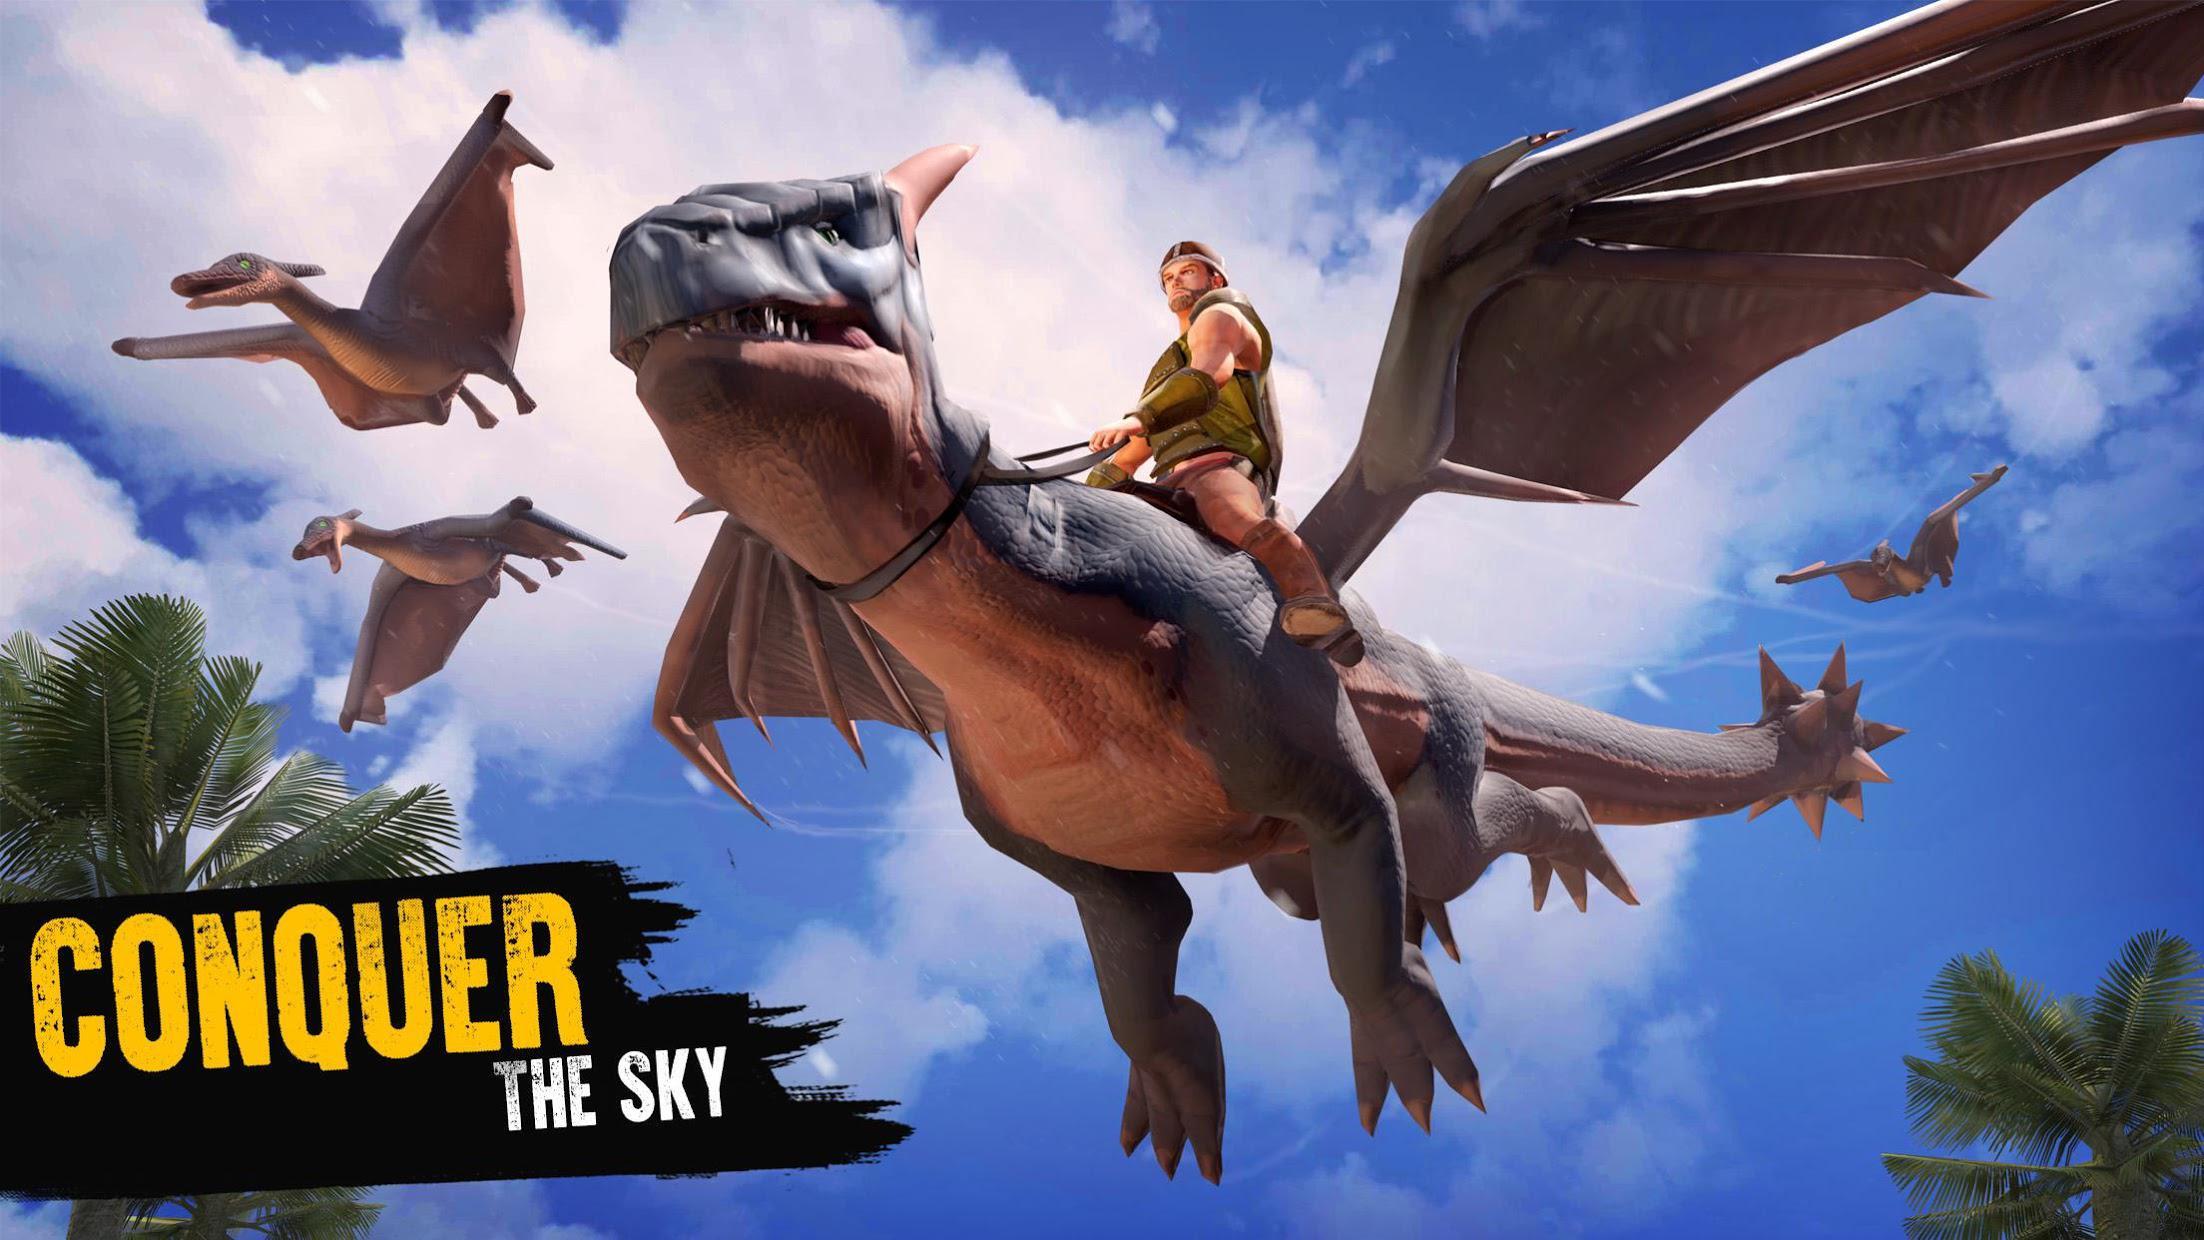 侏罗纪生存岛:恐龙与工艺 游戏截图3